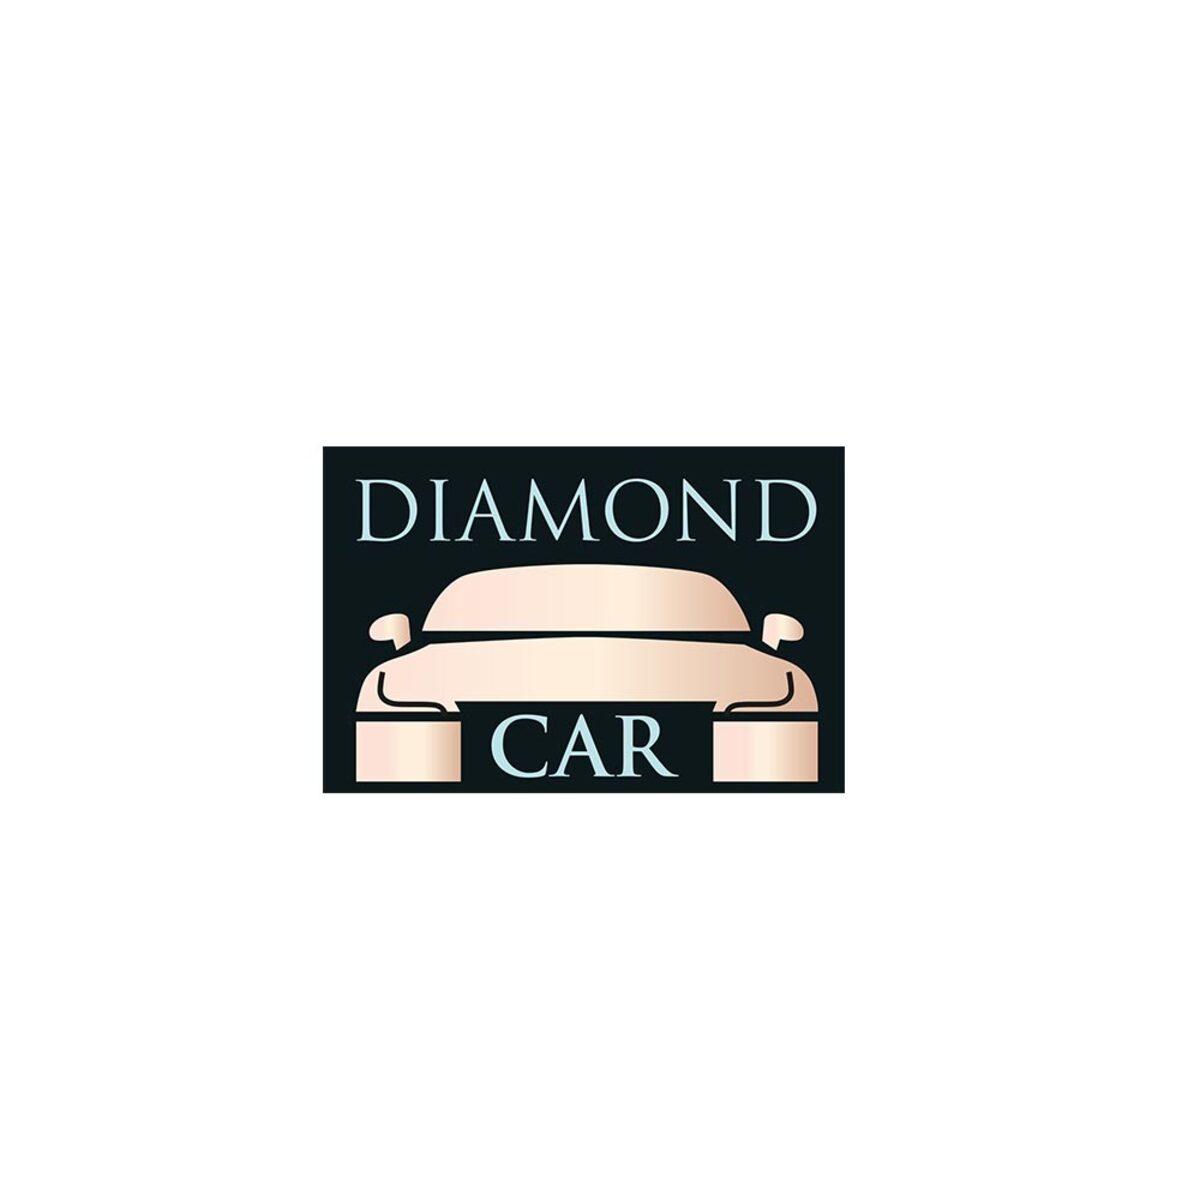 Bild 3 von Diamond Car Premium-Autositzauflage, Grau